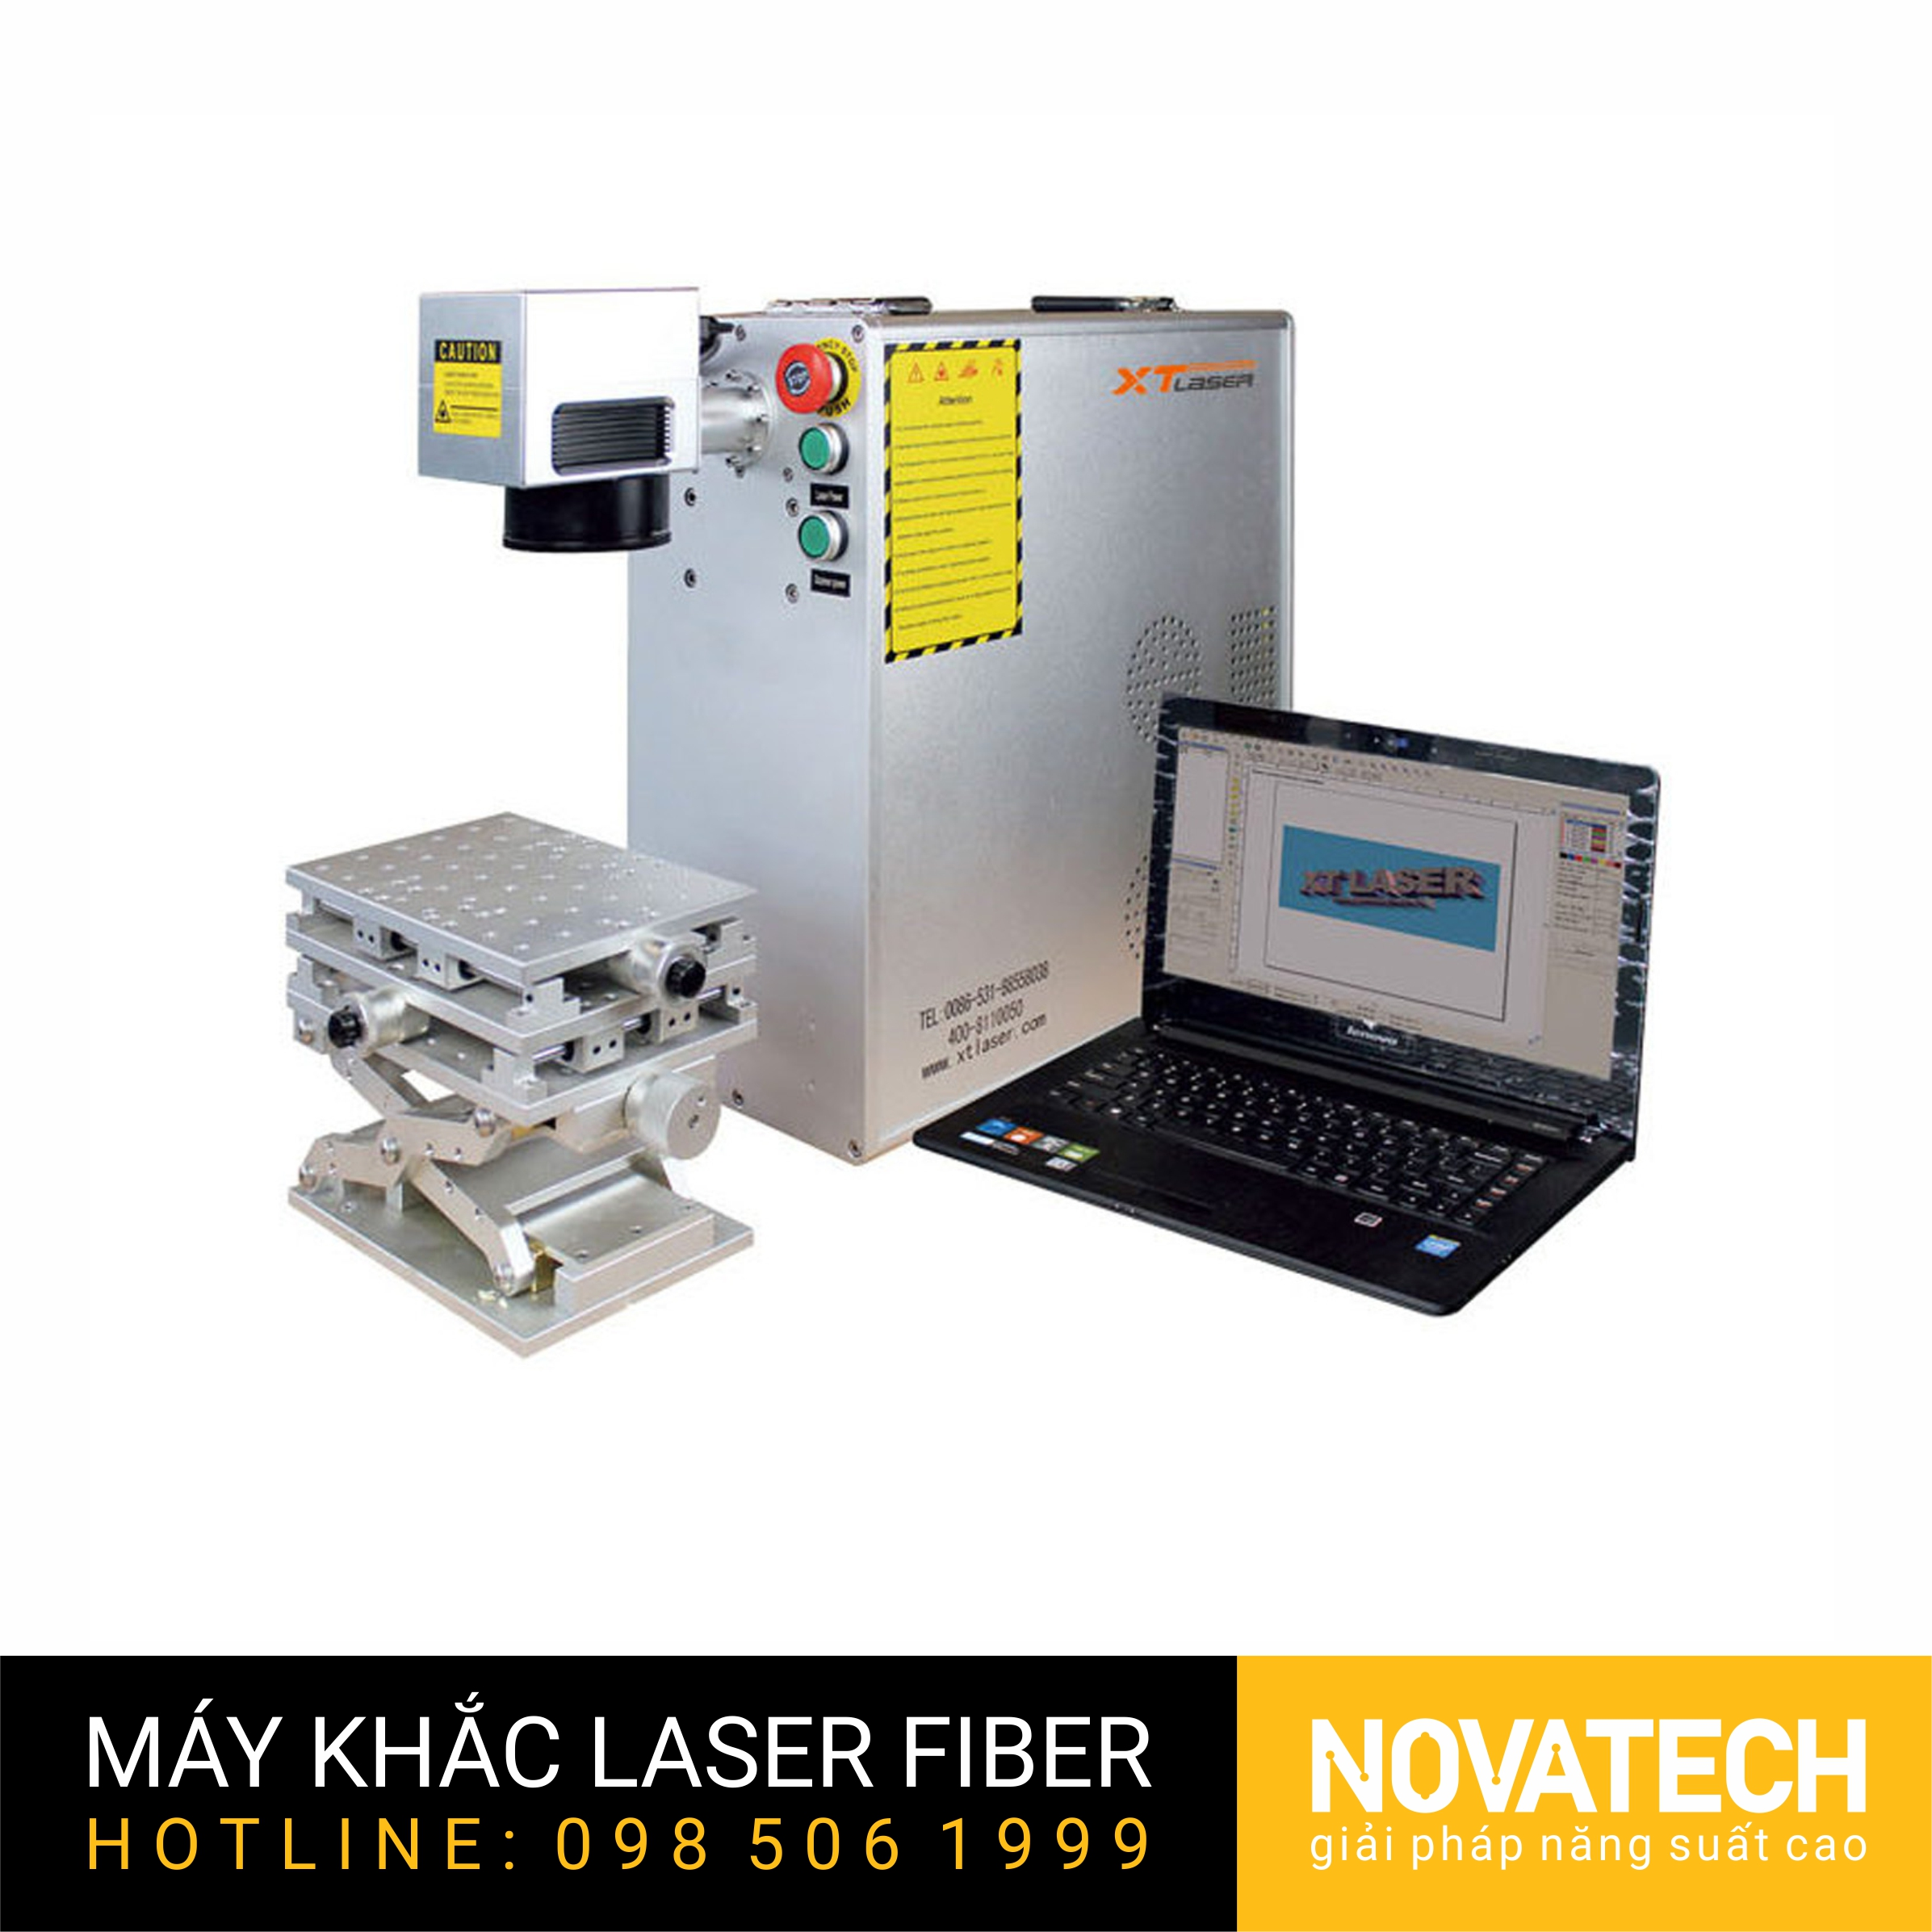 Máy khắc laser fiber XT-LASER kiểu mini cơ động